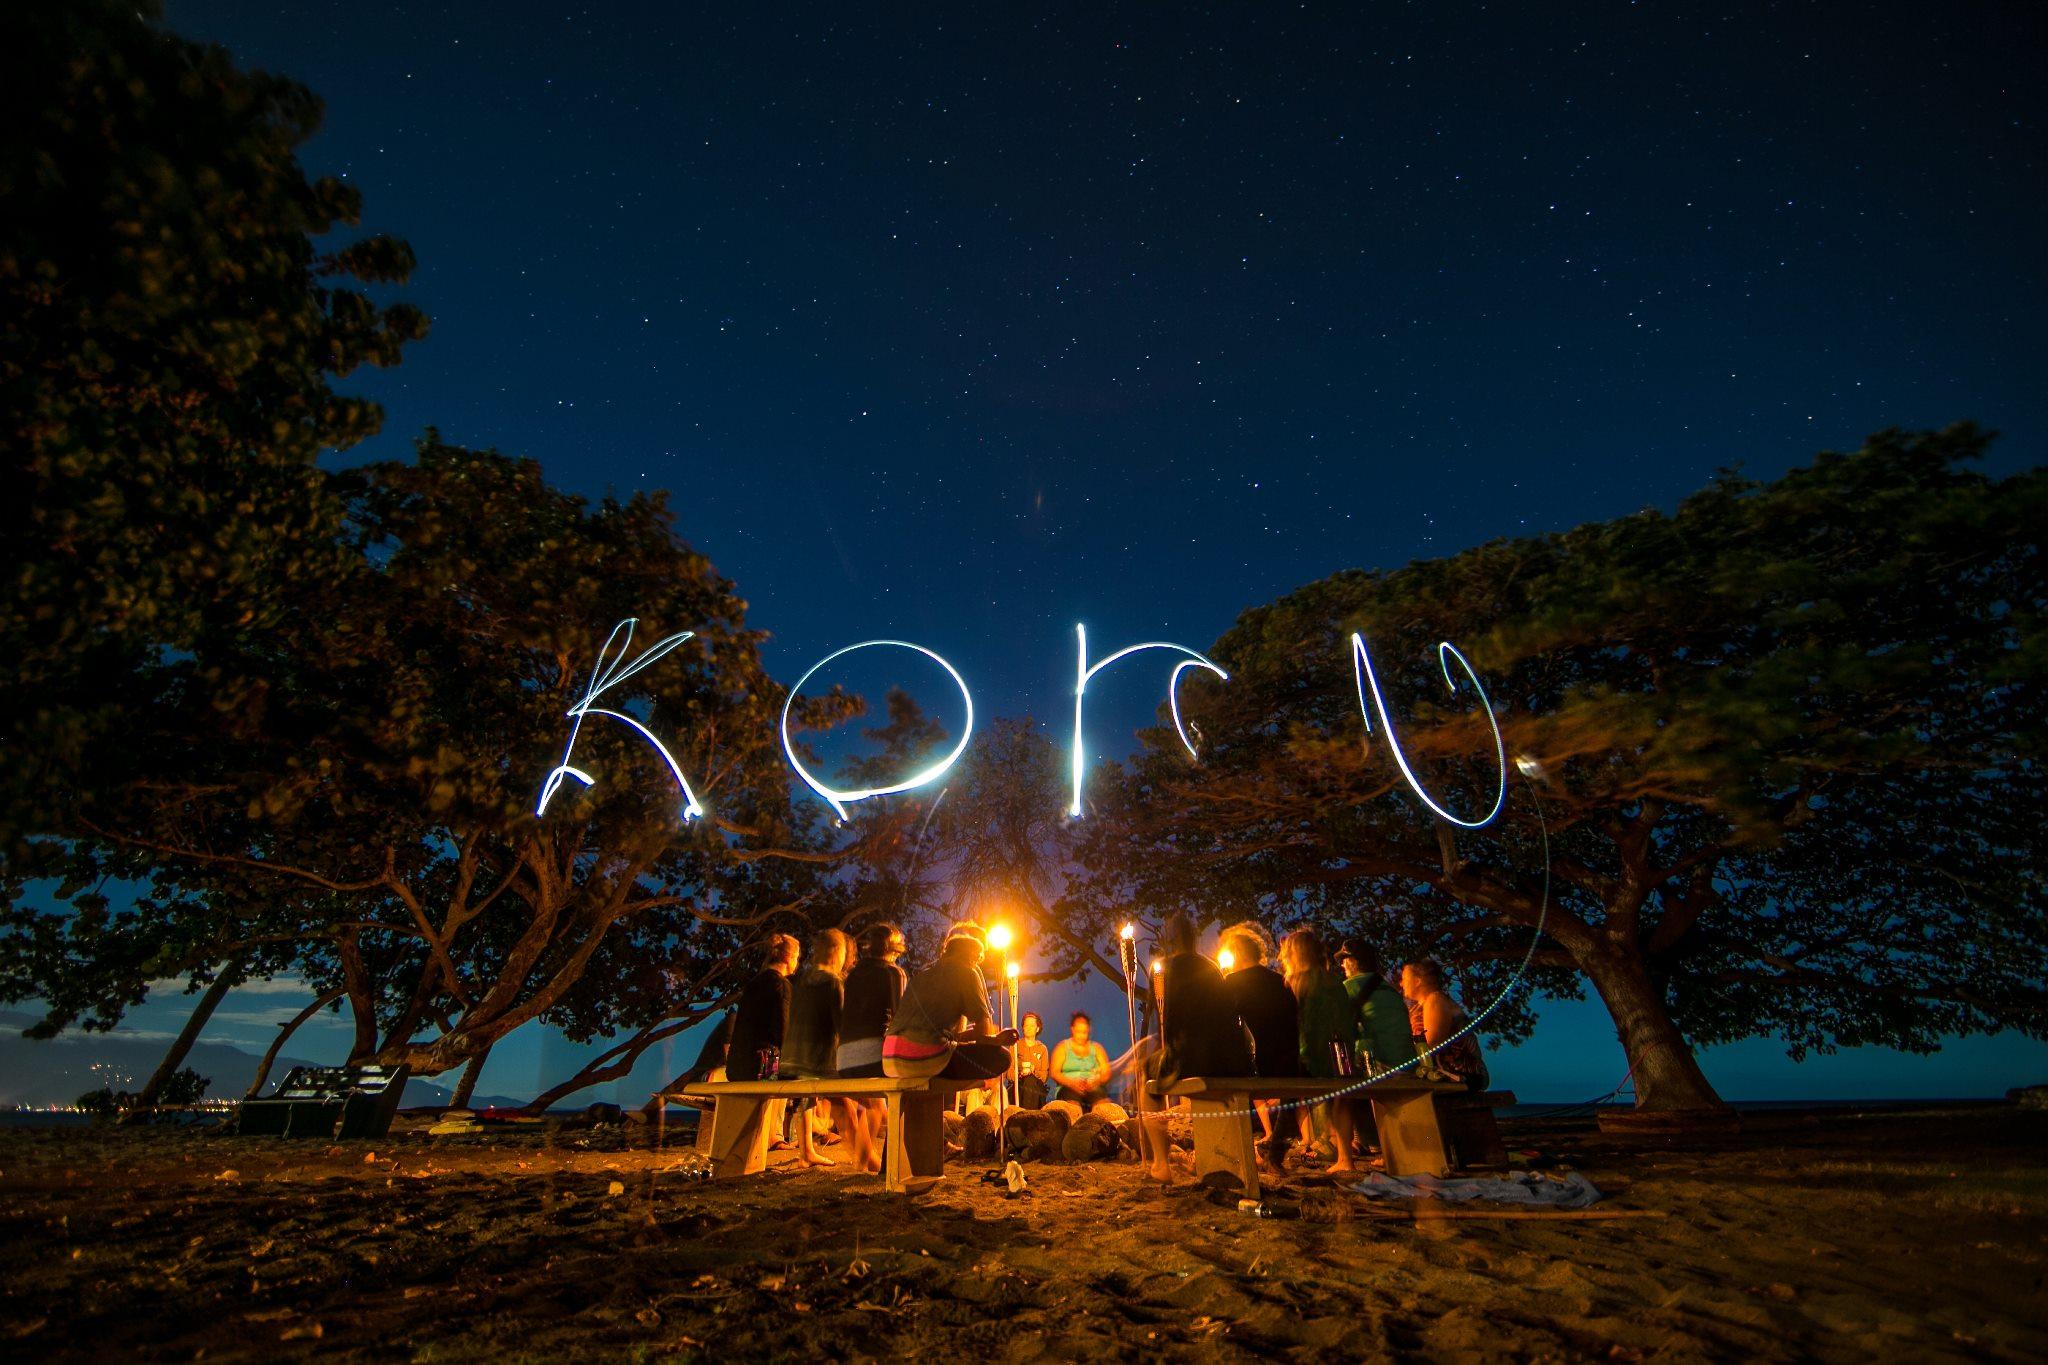 Project-Koru-Campfire